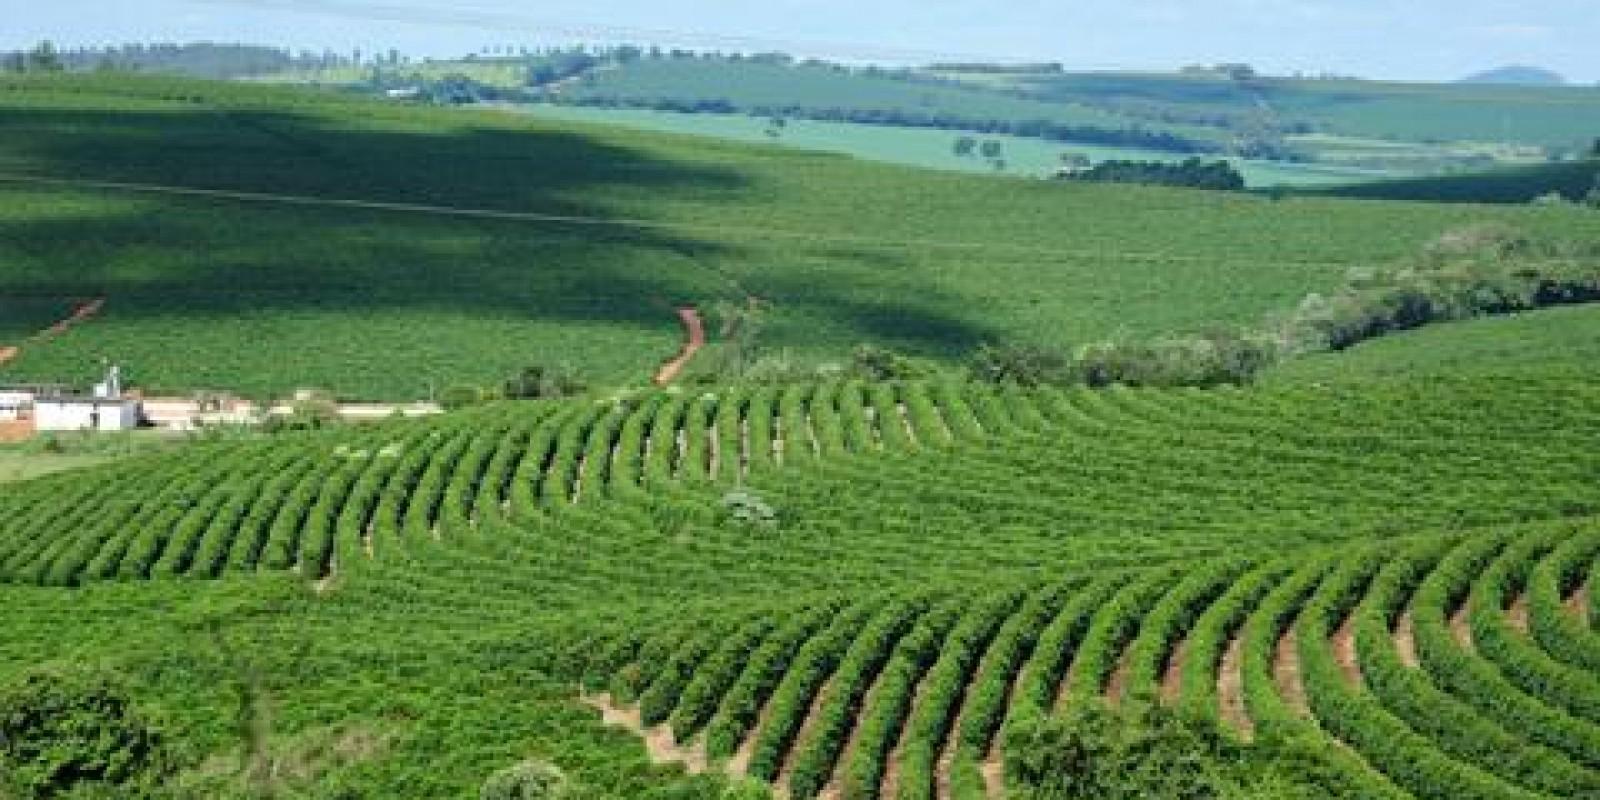 IMA entrega na próxima segunda-feira, 24 de julho, certificados internacionais da UTZ para produtores de café de Minas